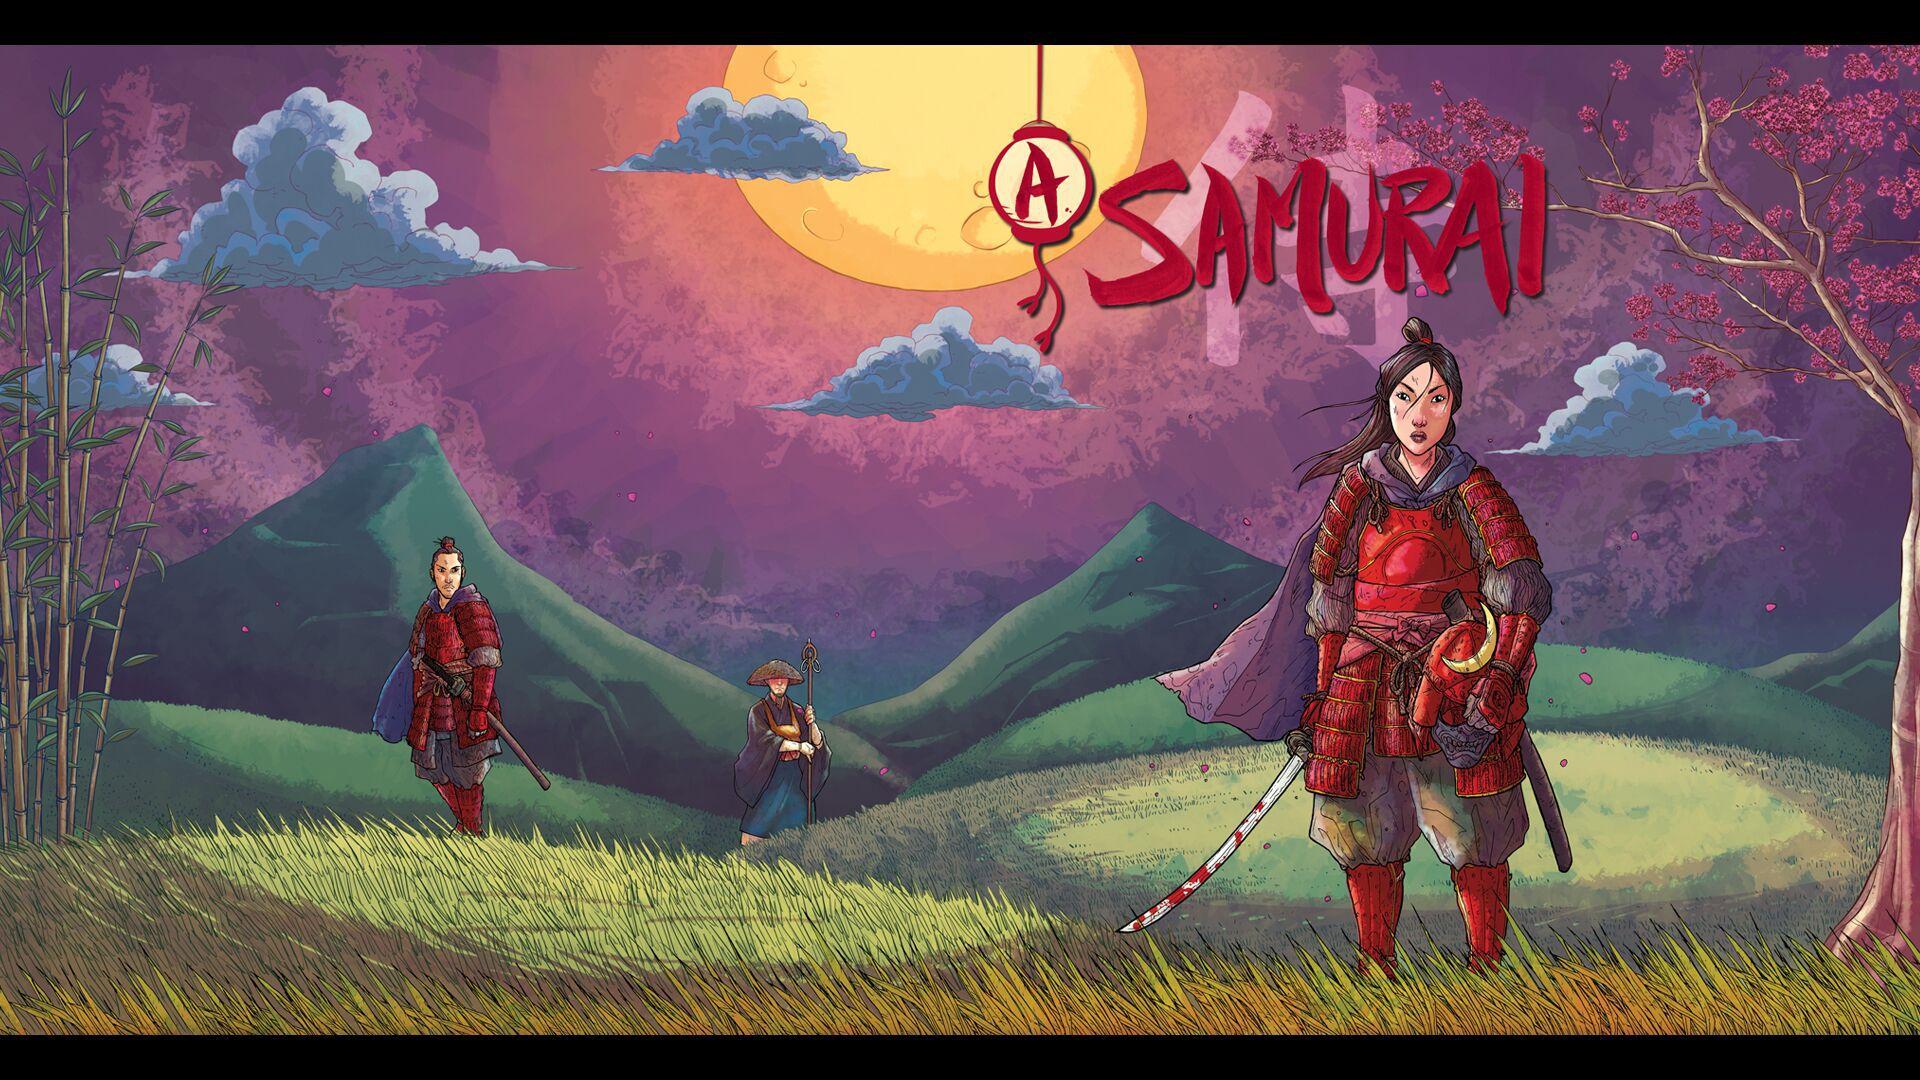 [QUADRINHOS] A Samurai e o protagonismo feminino (resenha)